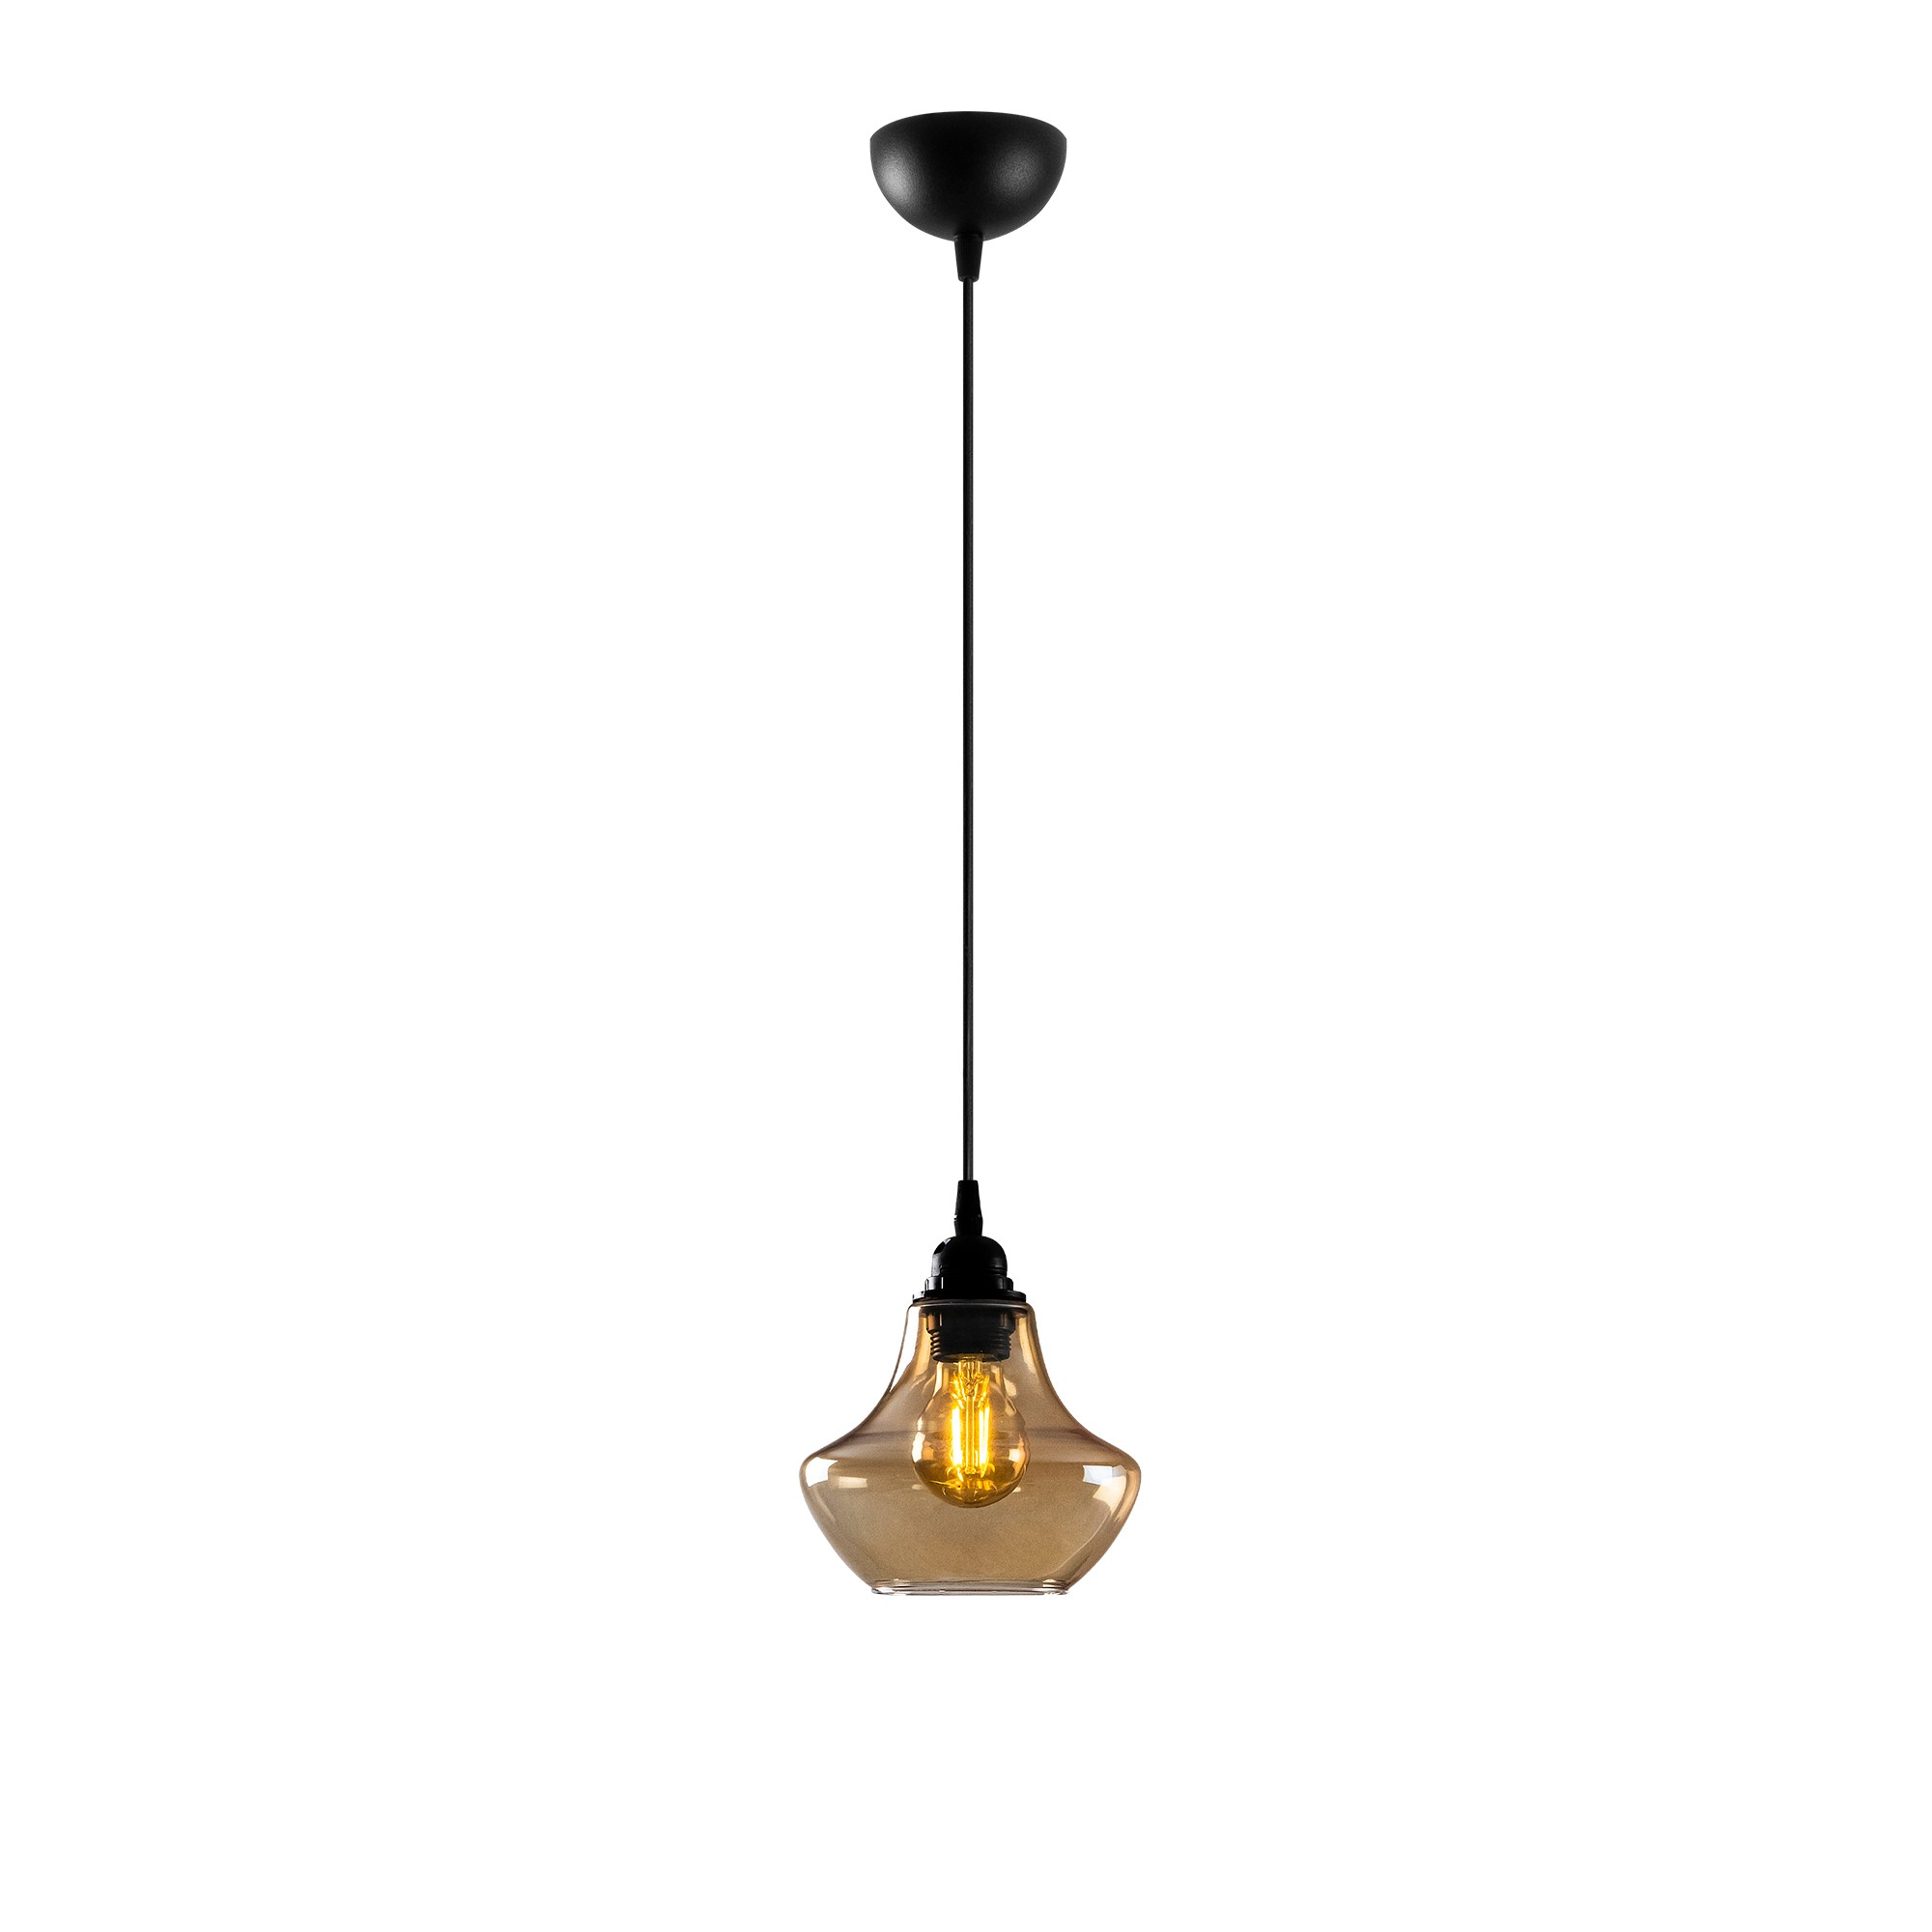 gouden hanglamp e27 fitting-Moroni - vooraanzicht lamp aan